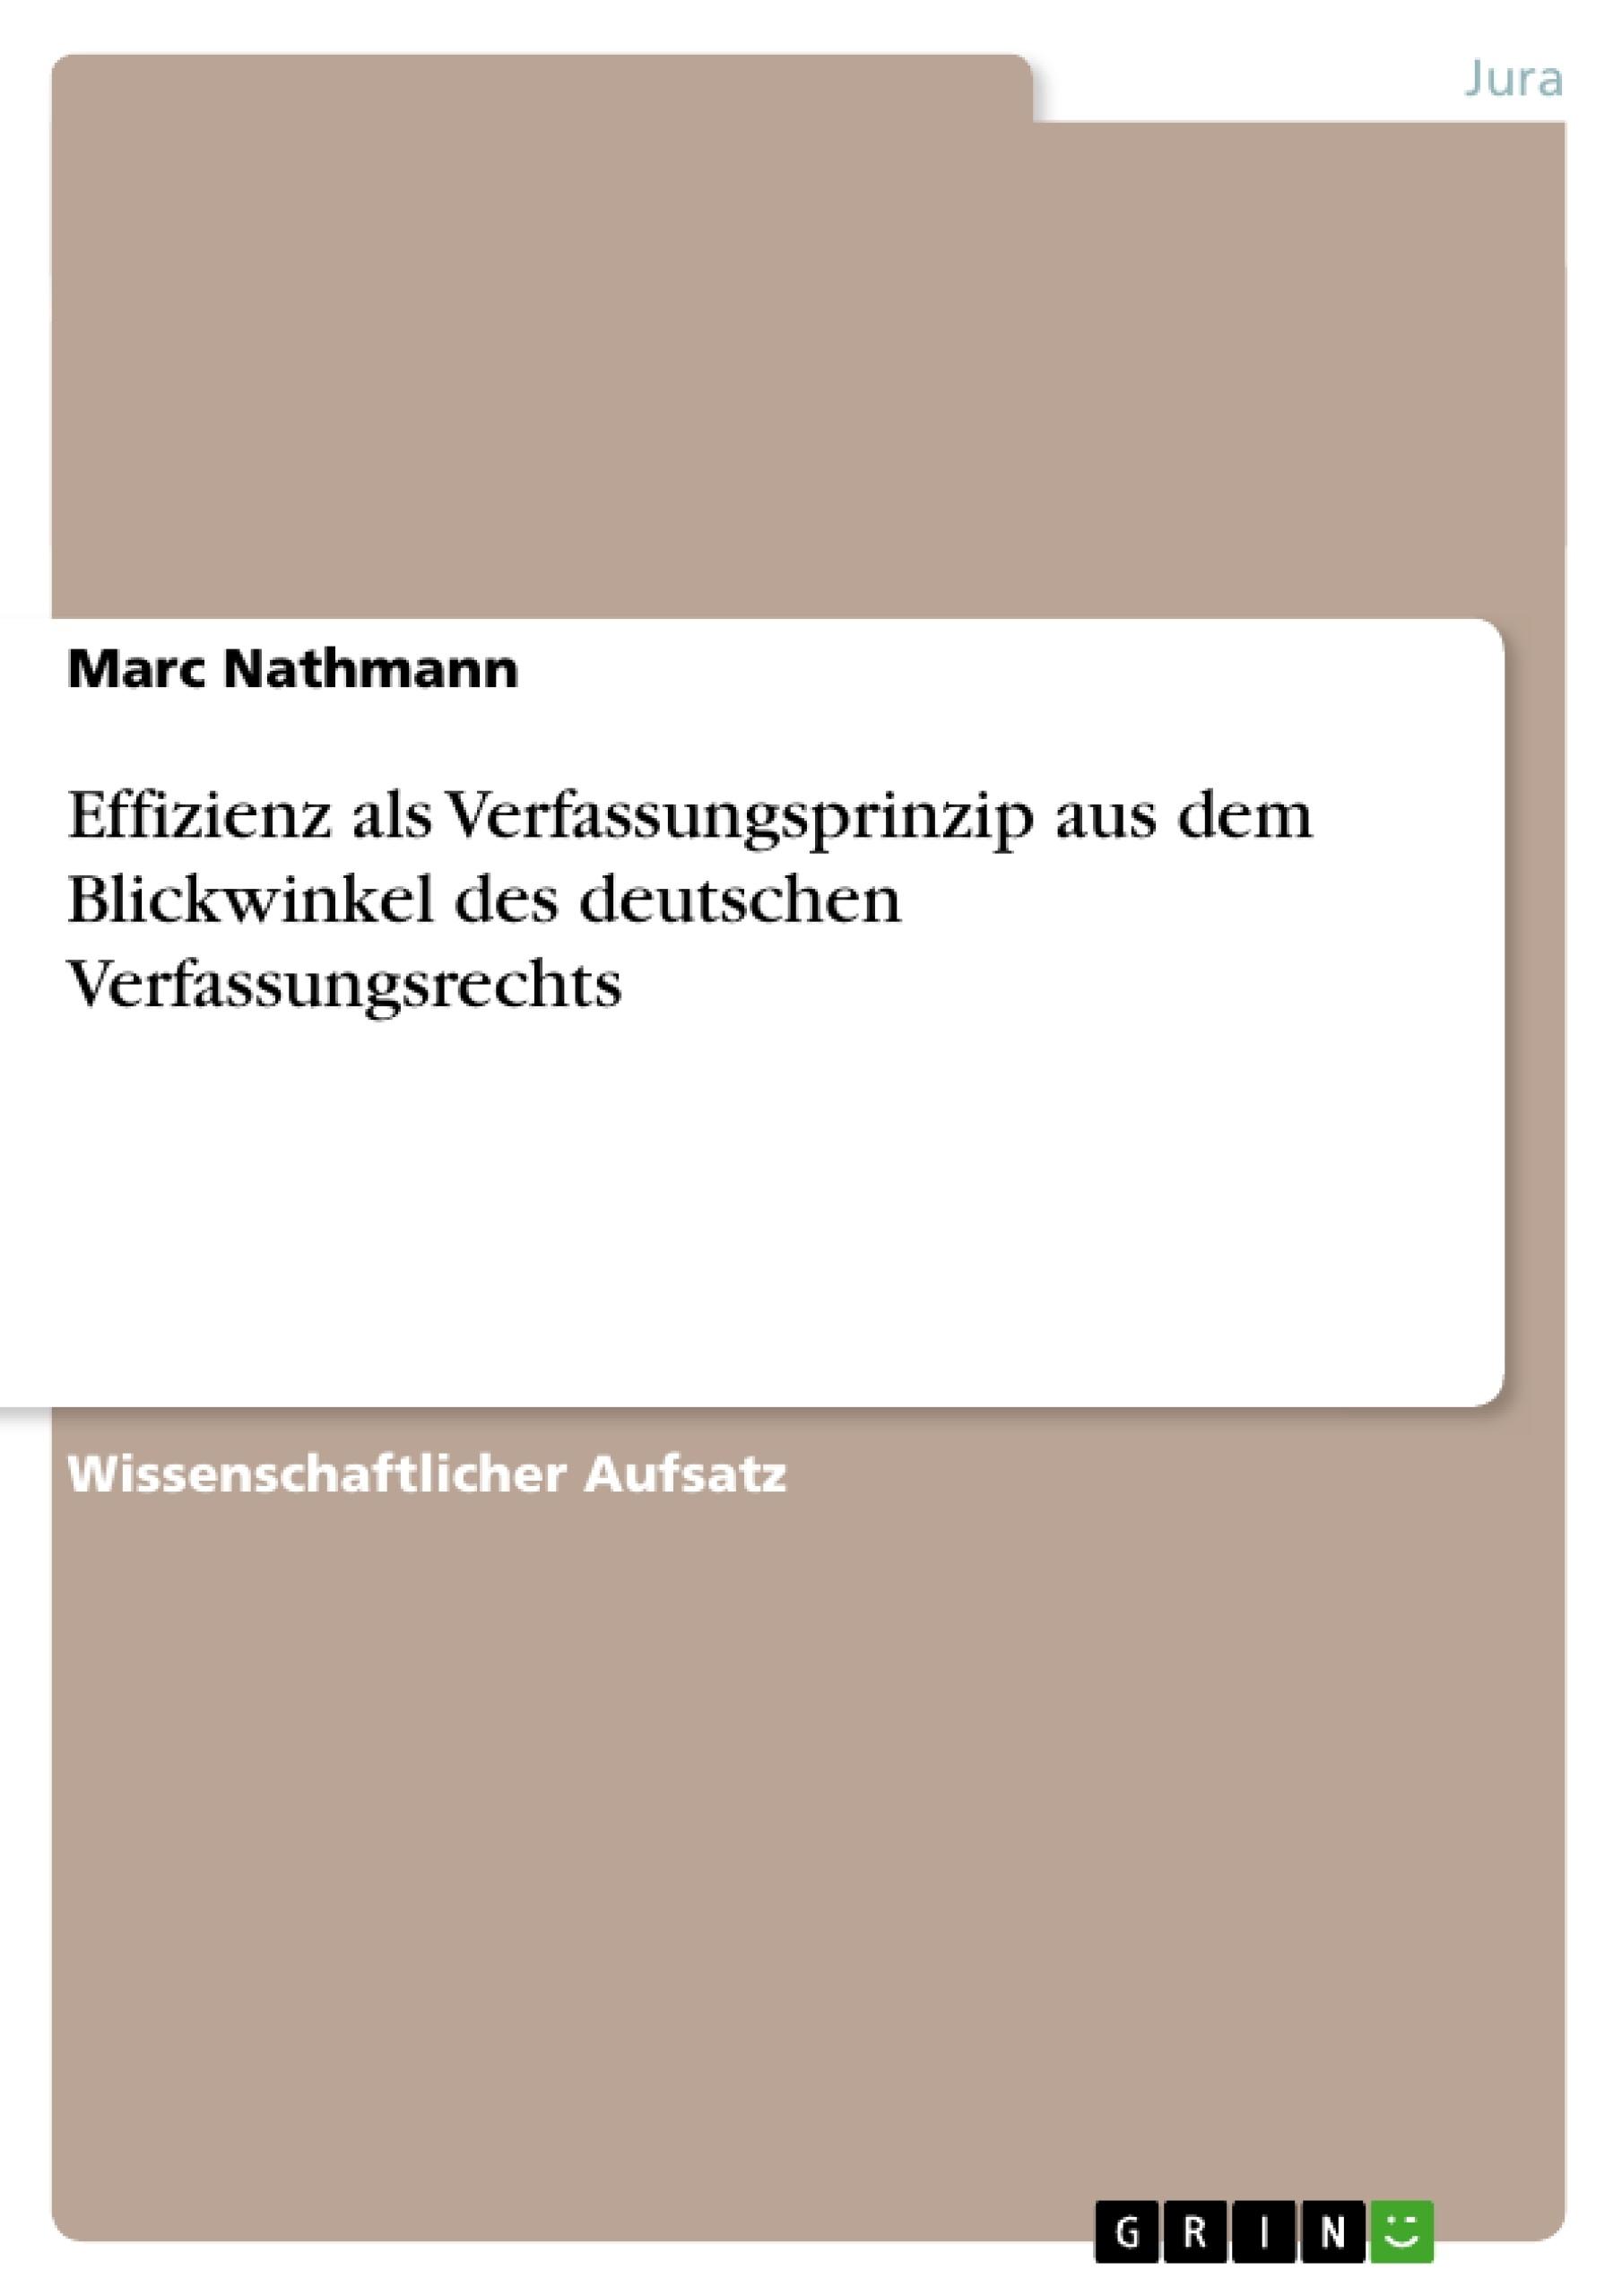 Titel: Effizienz als Verfassungsprinzip aus dem Blickwinkel des deutschen Verfassungsrechts